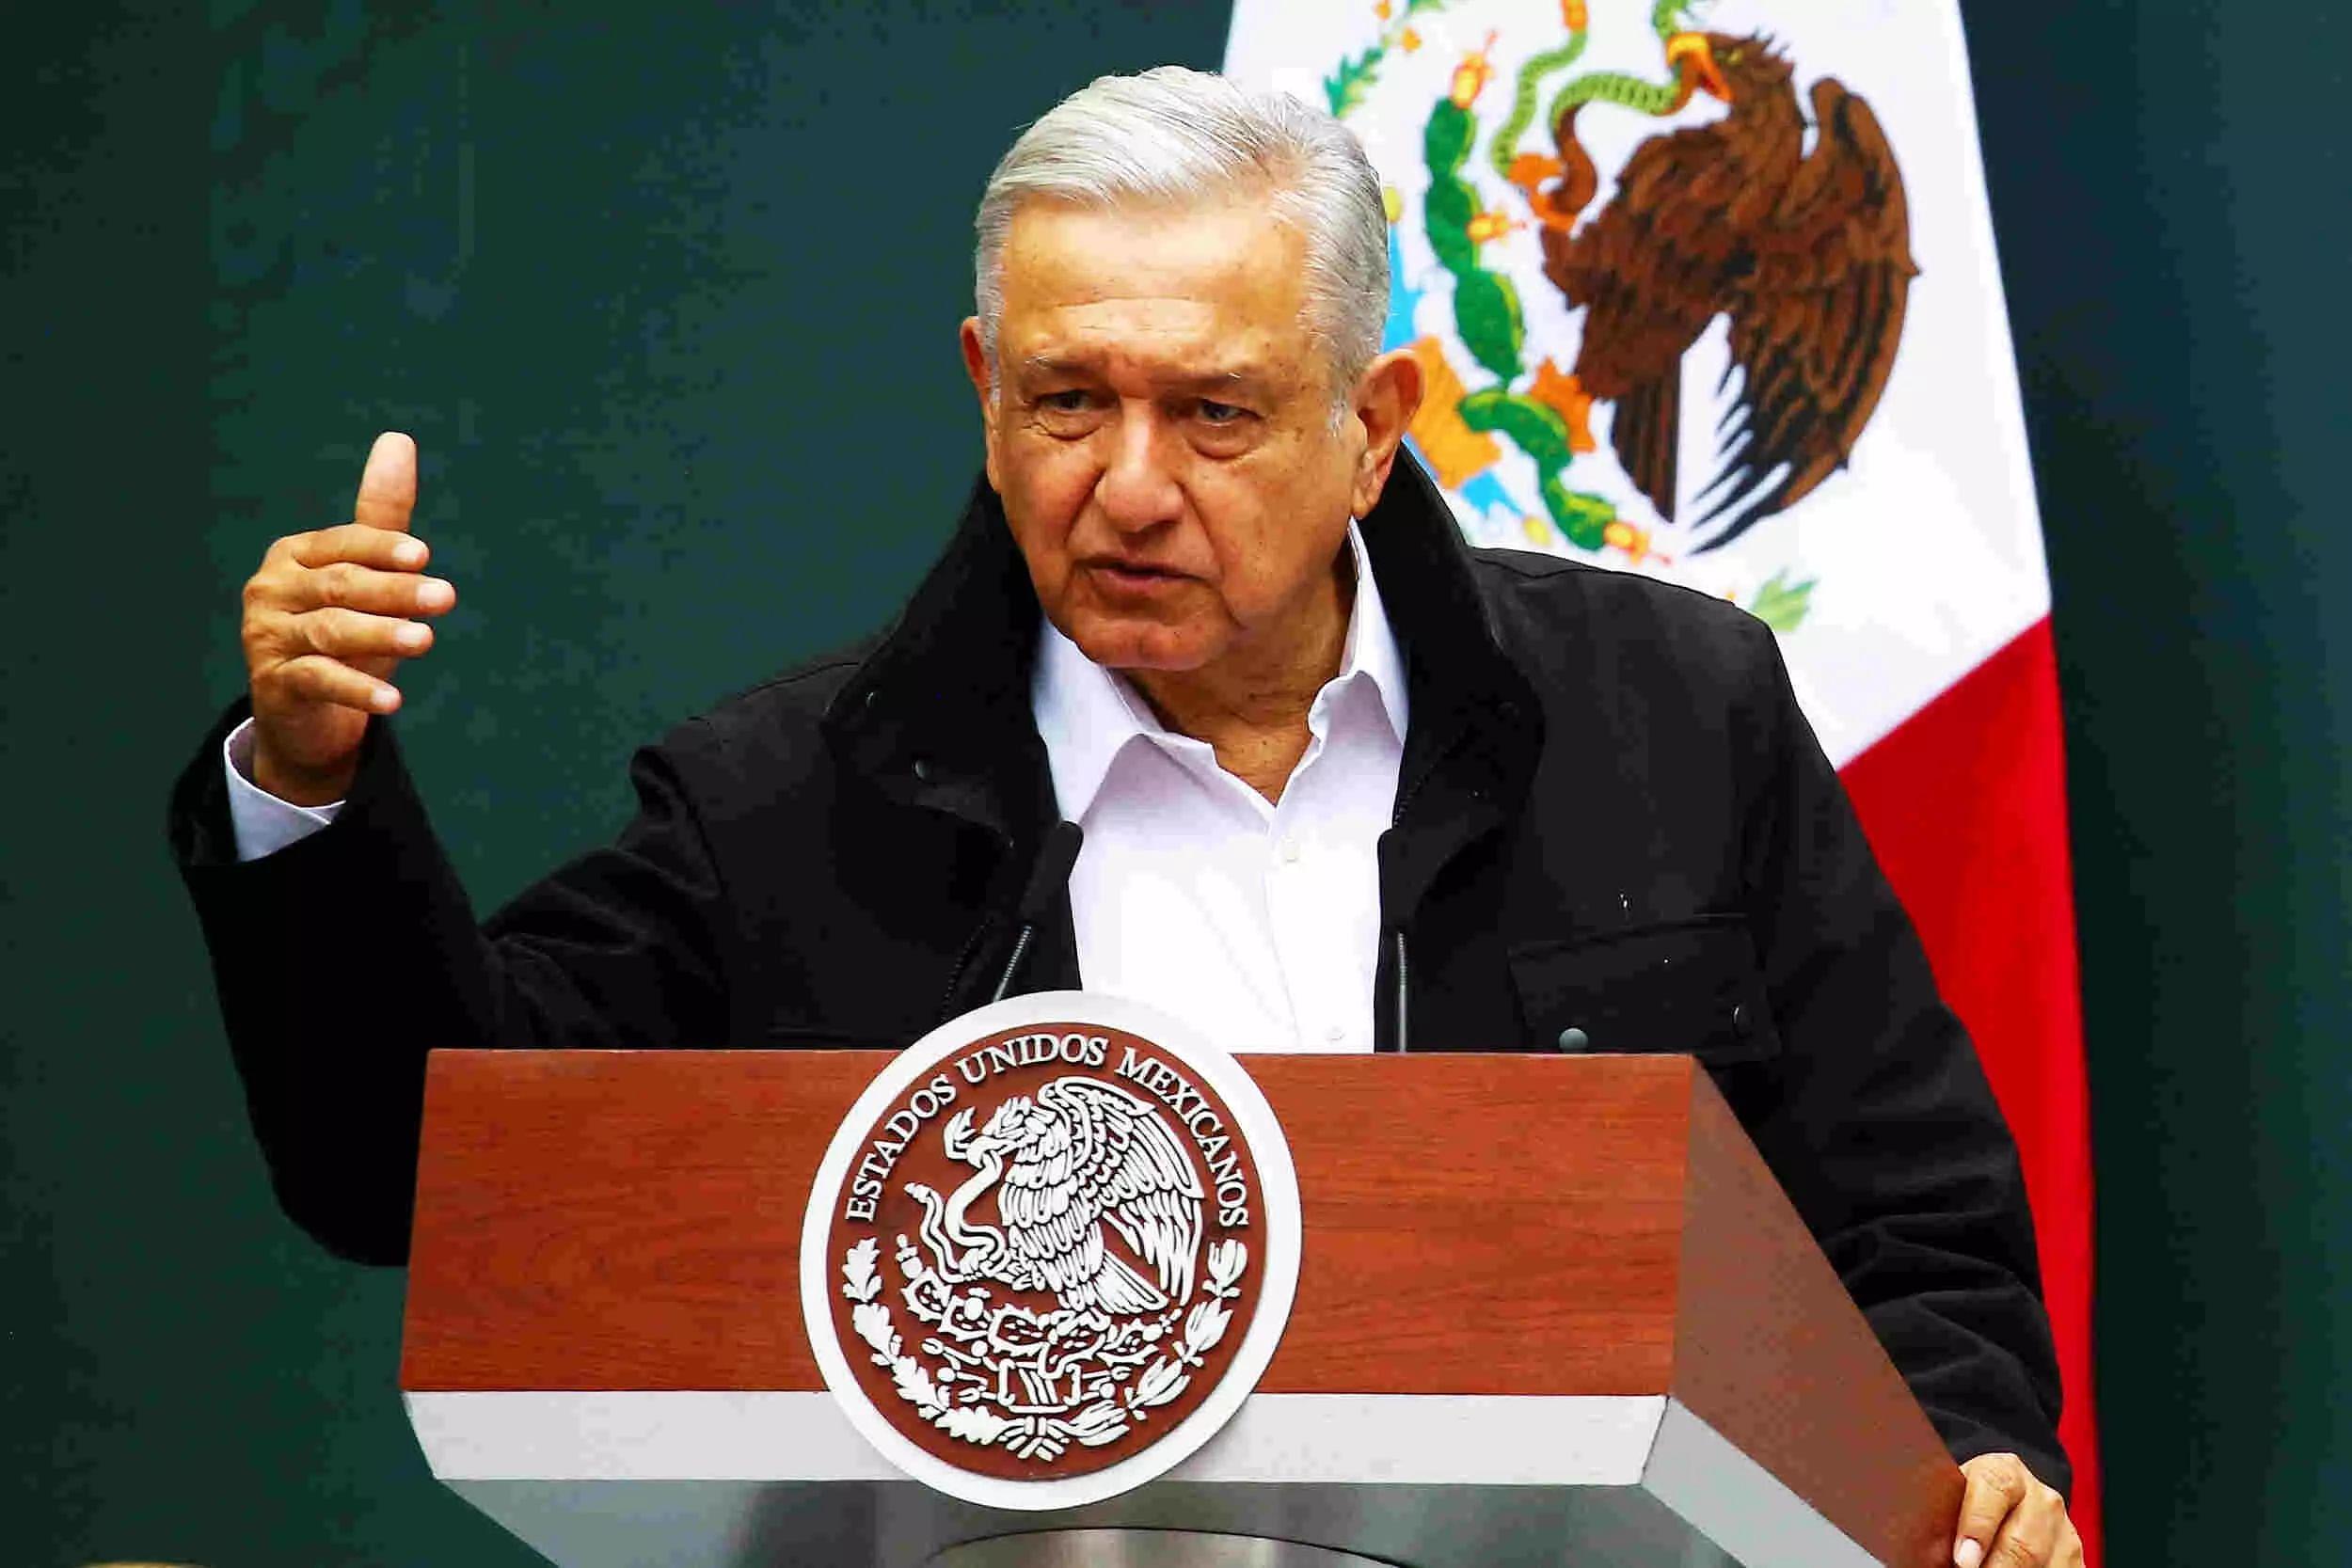 Mexicos President Andres Manuel Lopez Obrador congratulates Joe Biden